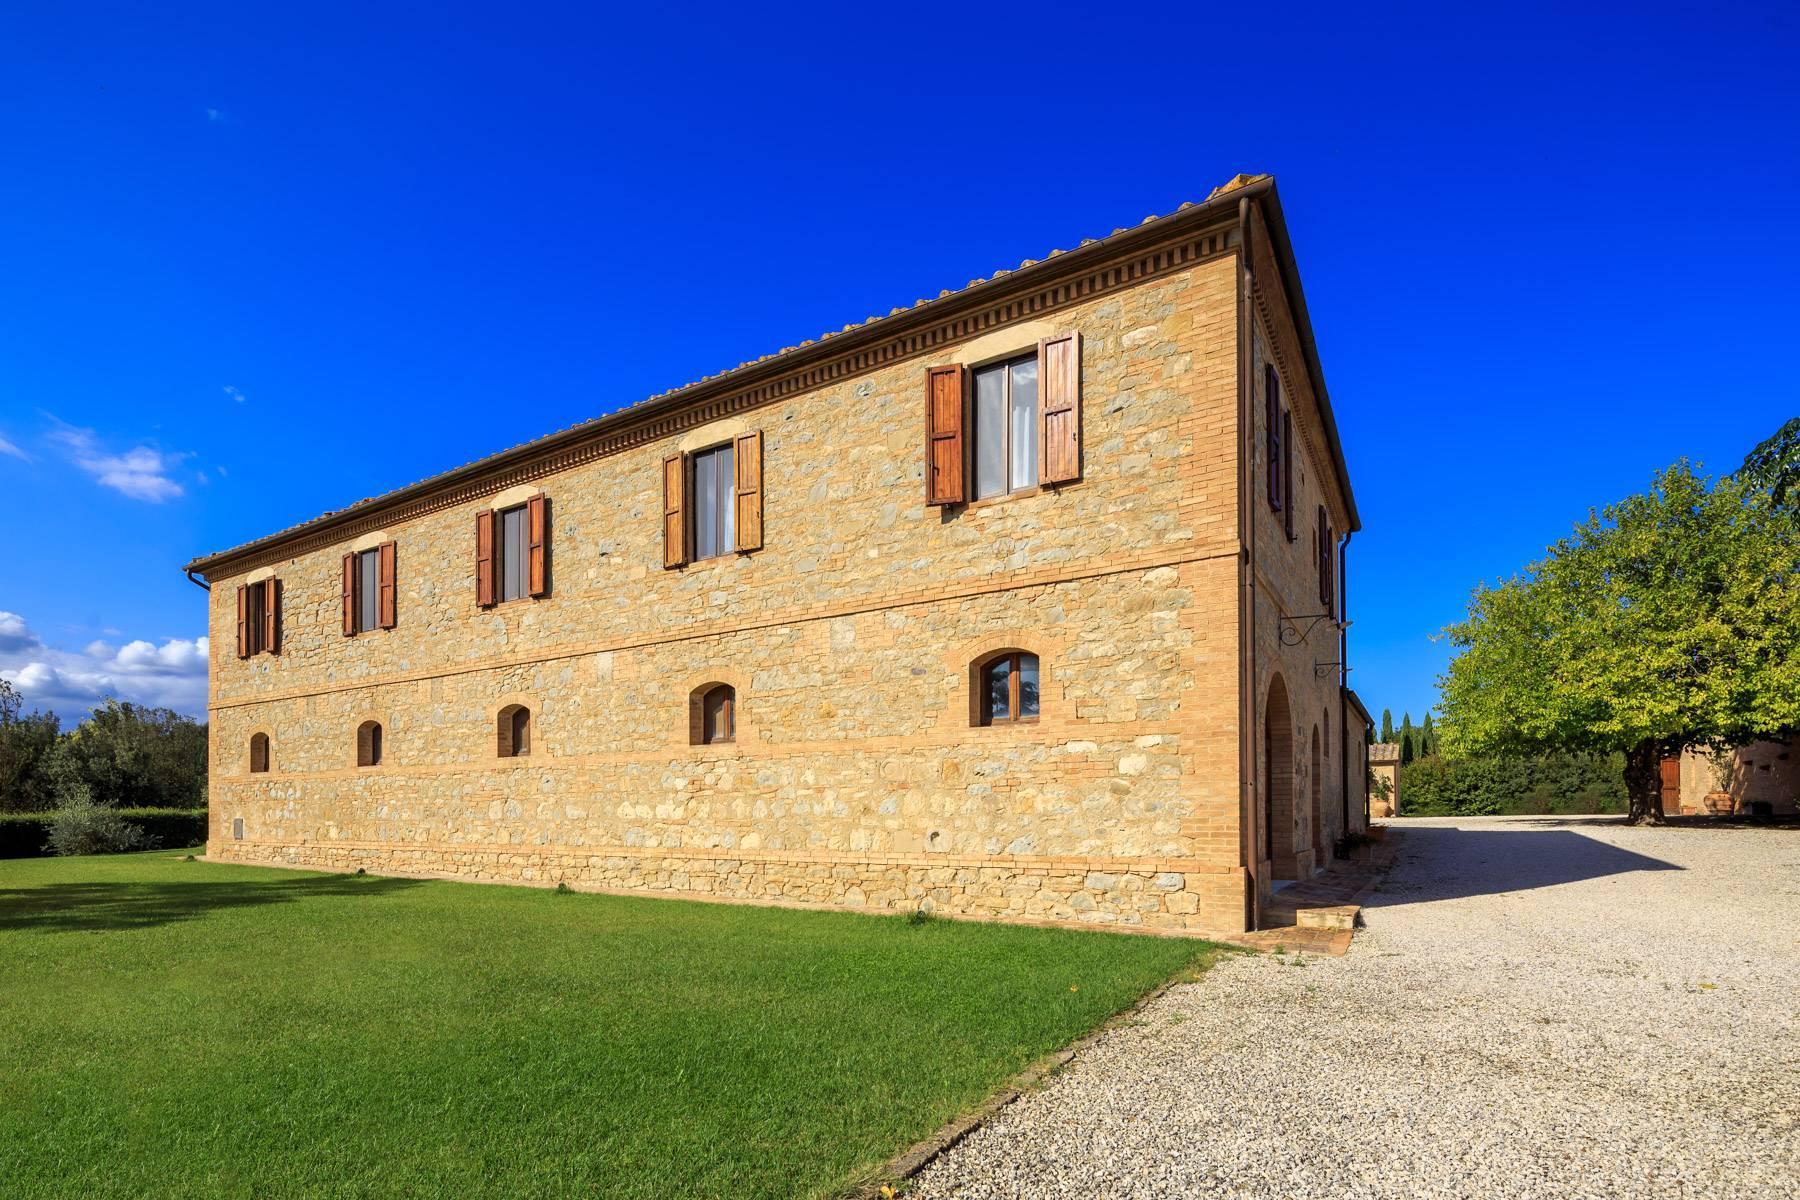 Exklusives Anwesen in der Nähe von Siena - 4